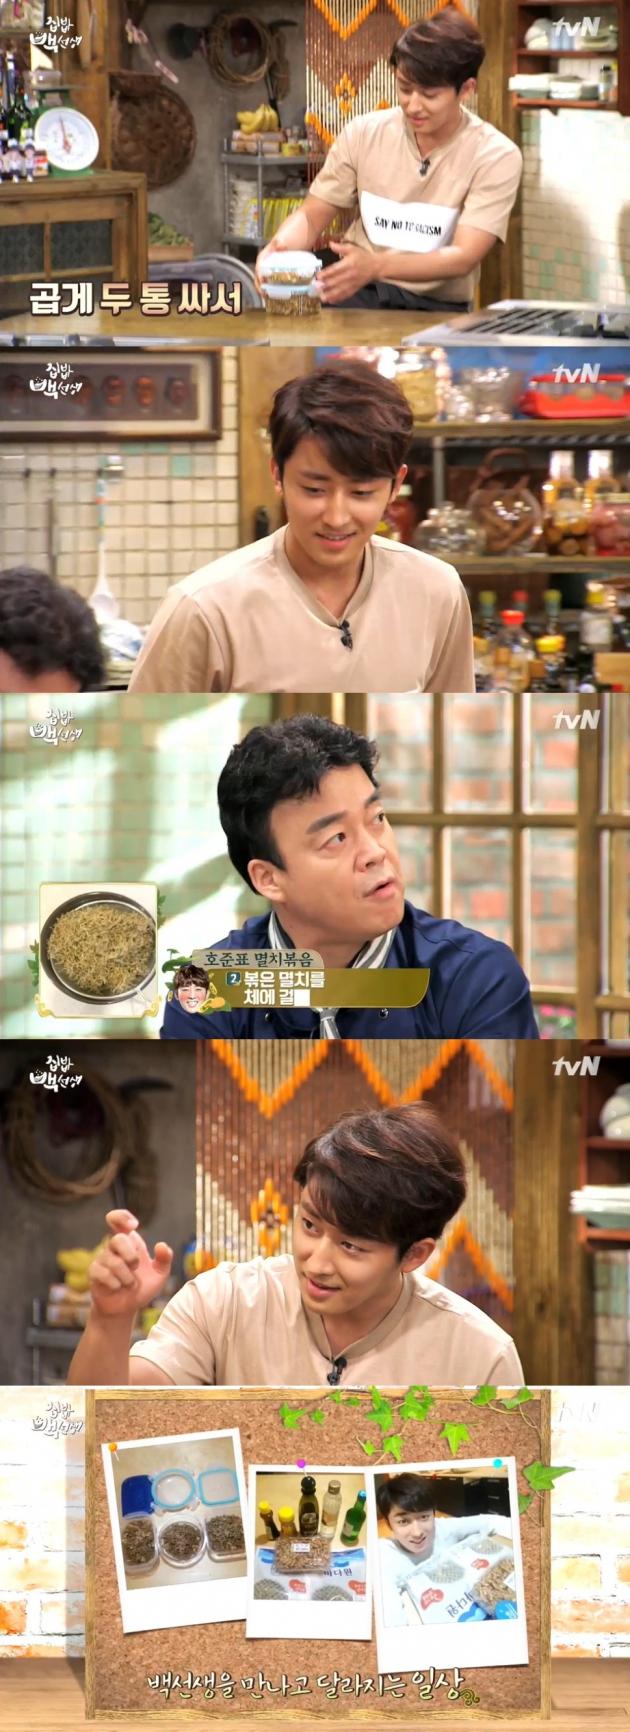 집밥 백선생 / 집밥 백선생 사진=tvN 방송 캡처